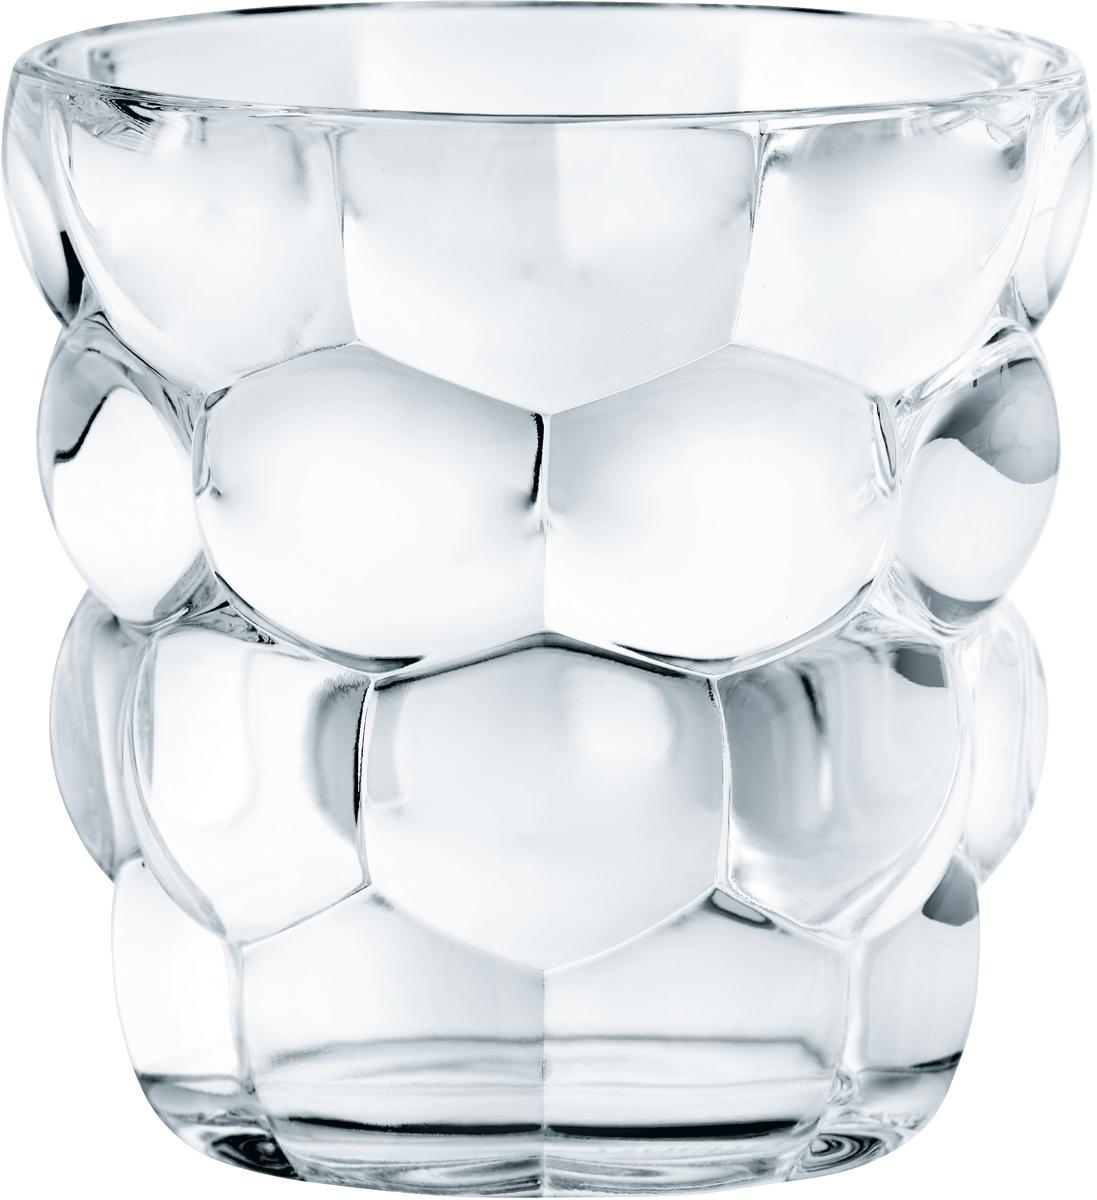 """Набор Nachtmann """"Bubbles"""", выполненный из прозрачного бессвинцового хрусталя с узором  """"пузырьки"""", состоит из четырех стаканов для виски игривой коллекции Bubbles. Рельефная  поверхность стакана приятно ощущается в руке. Такой набор подойдет и для каждодневного  использования и украсит праздничный стол."""